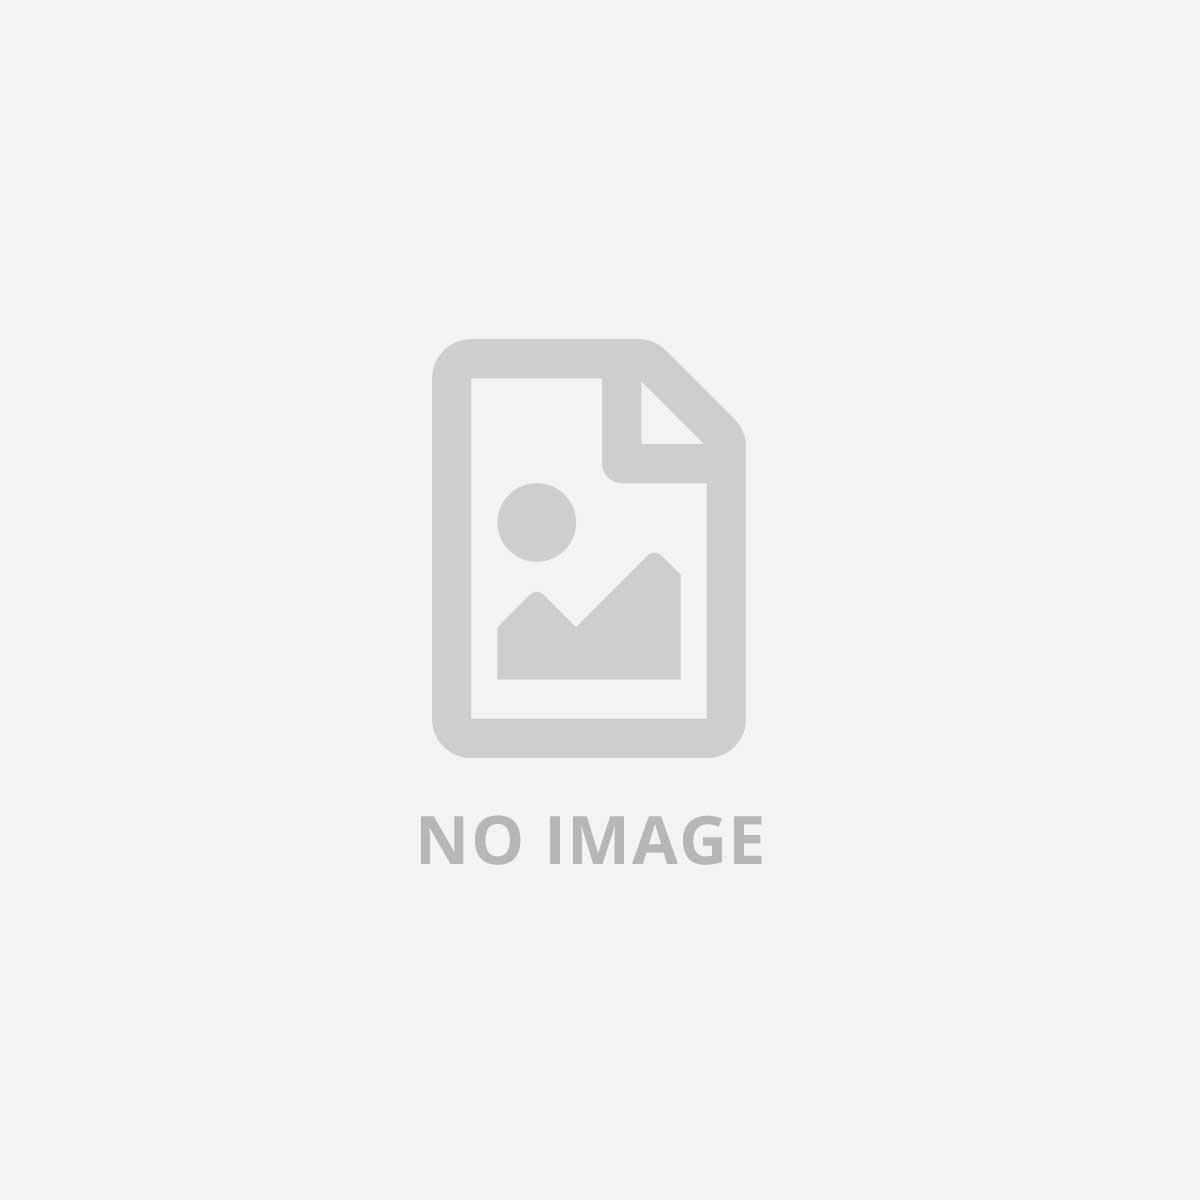 ZEBRA ZQ210 PORTATILE NFC BTLE SCONTRINI